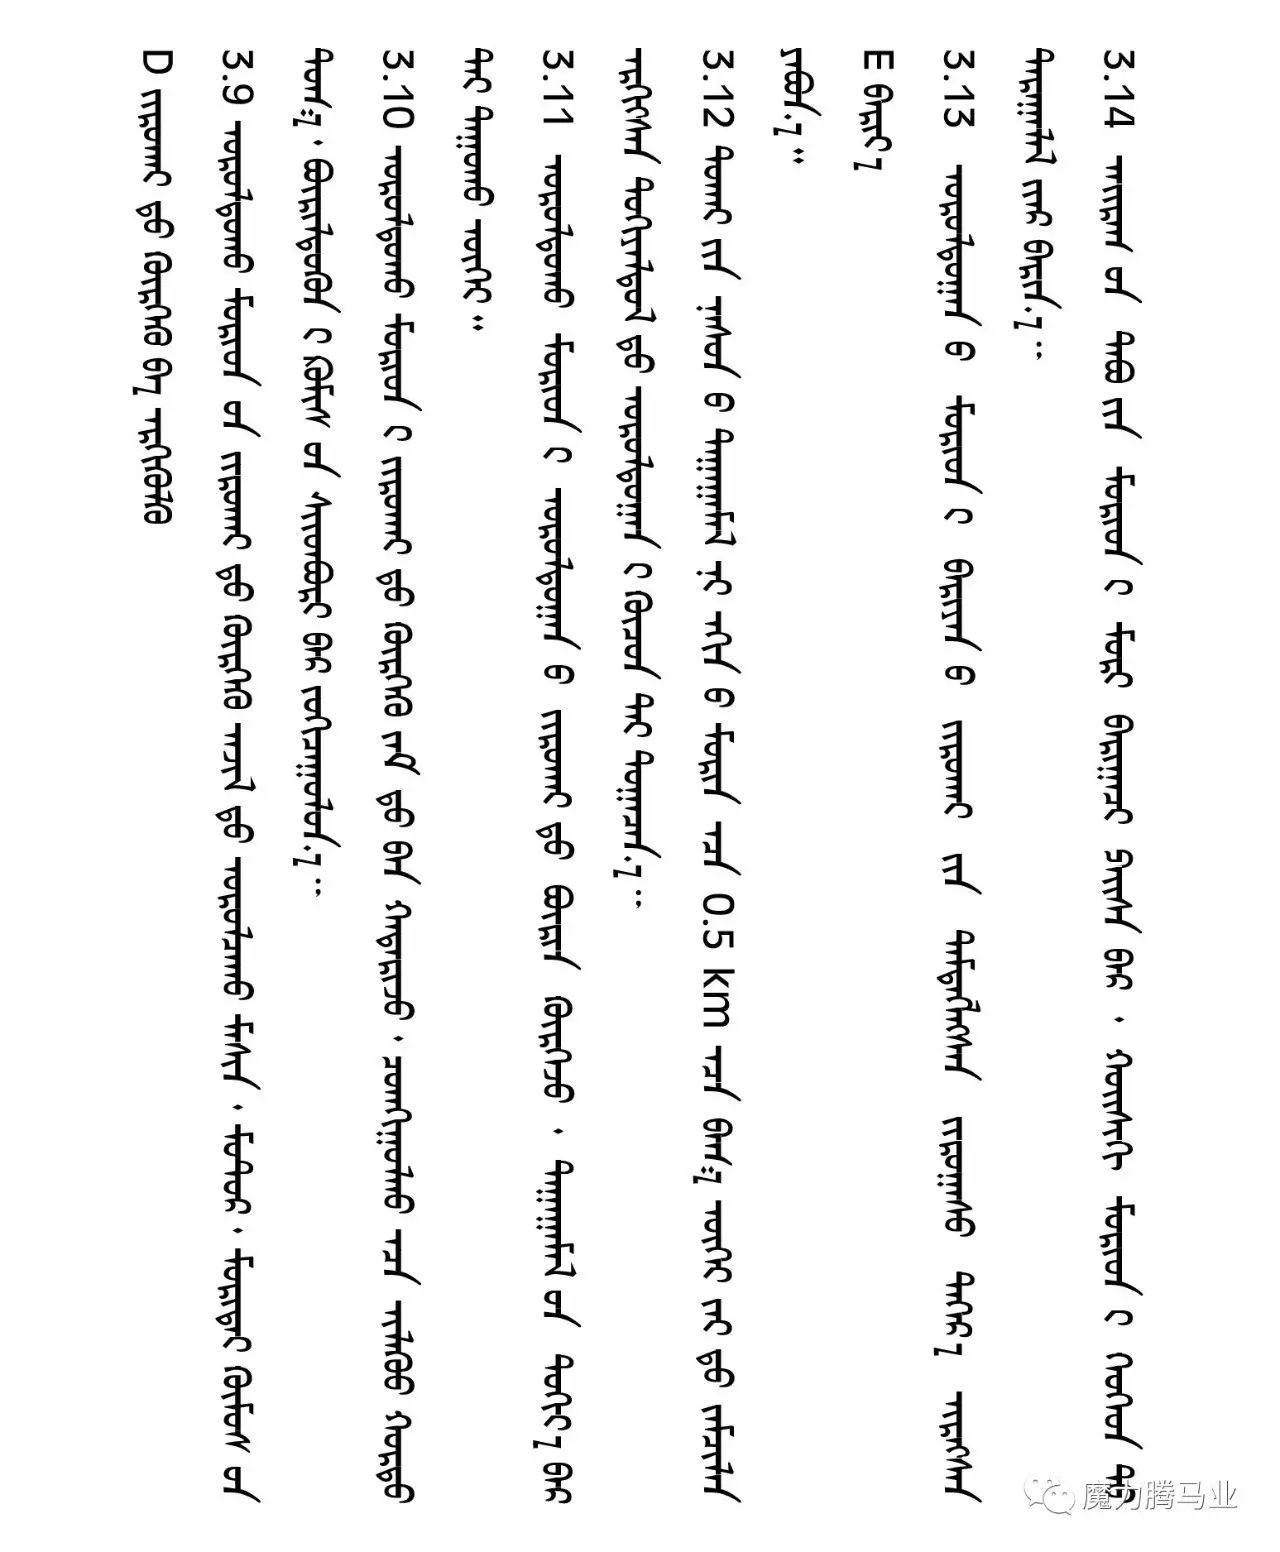 蒙古国赛马章程介绍 第25张 蒙古国赛马章程介绍 蒙古文库